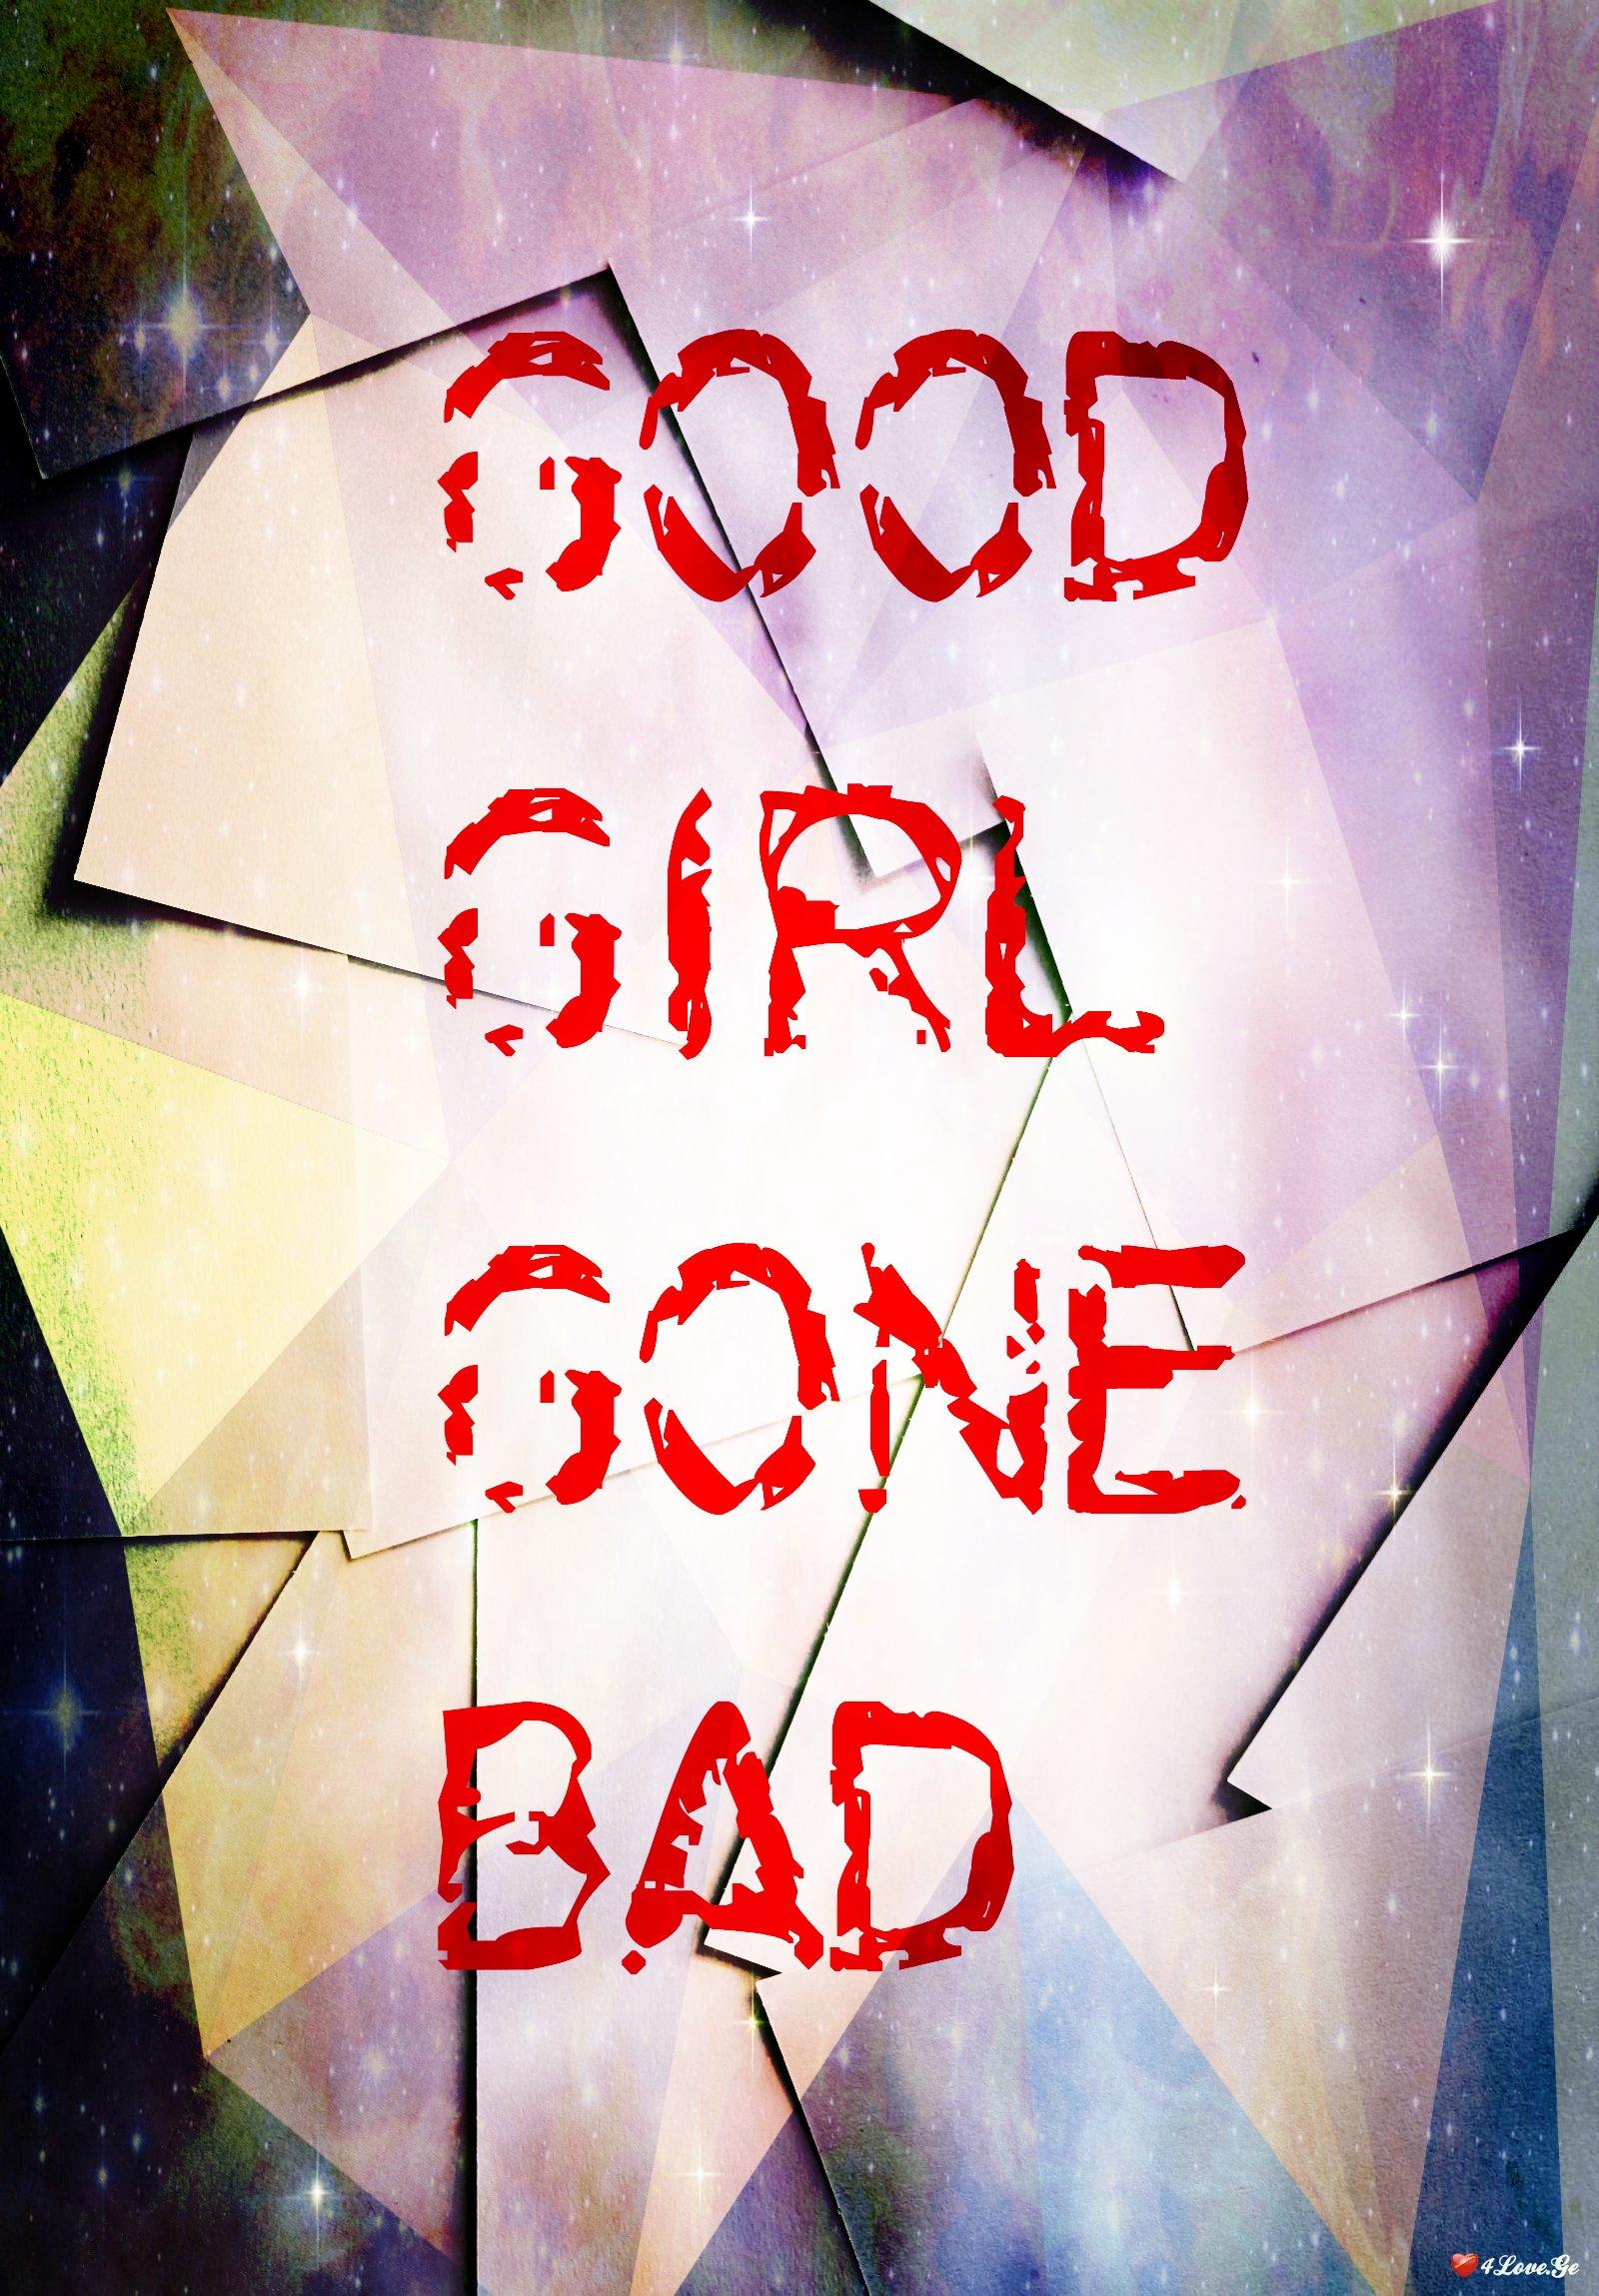 კარგი გოგო/ცუდი გოგო +18 (3თავი)